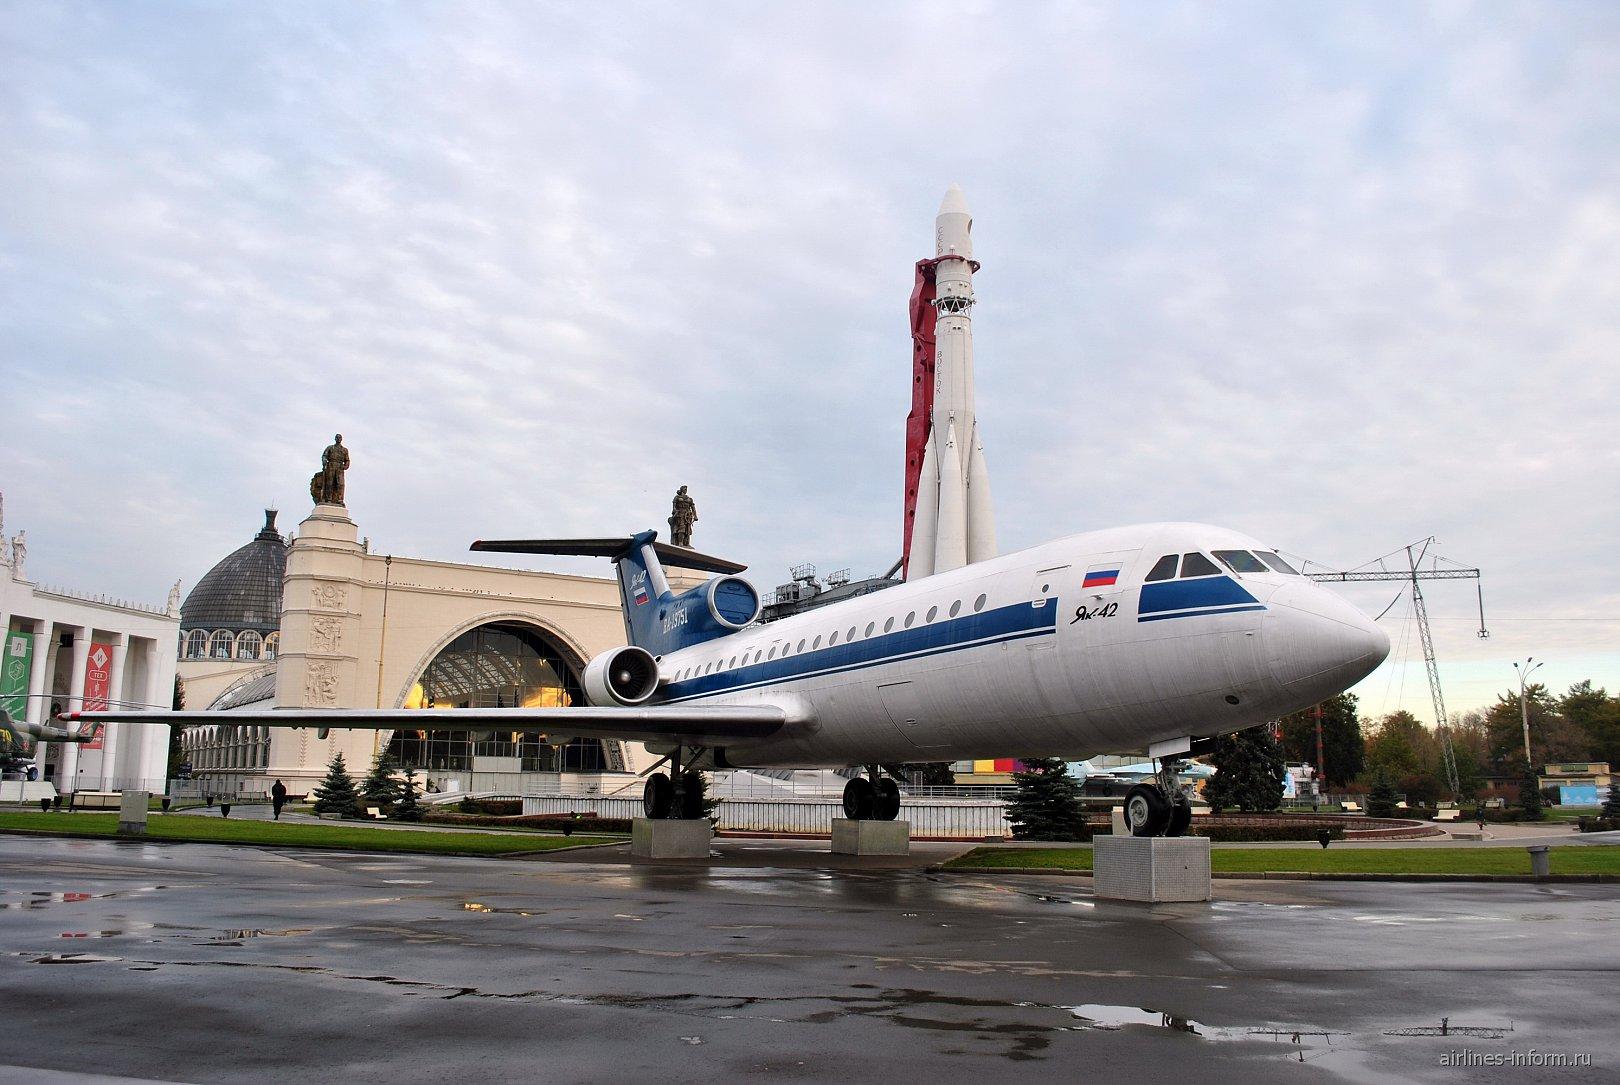 Самолет Як-42 на ВДНХ в Москве